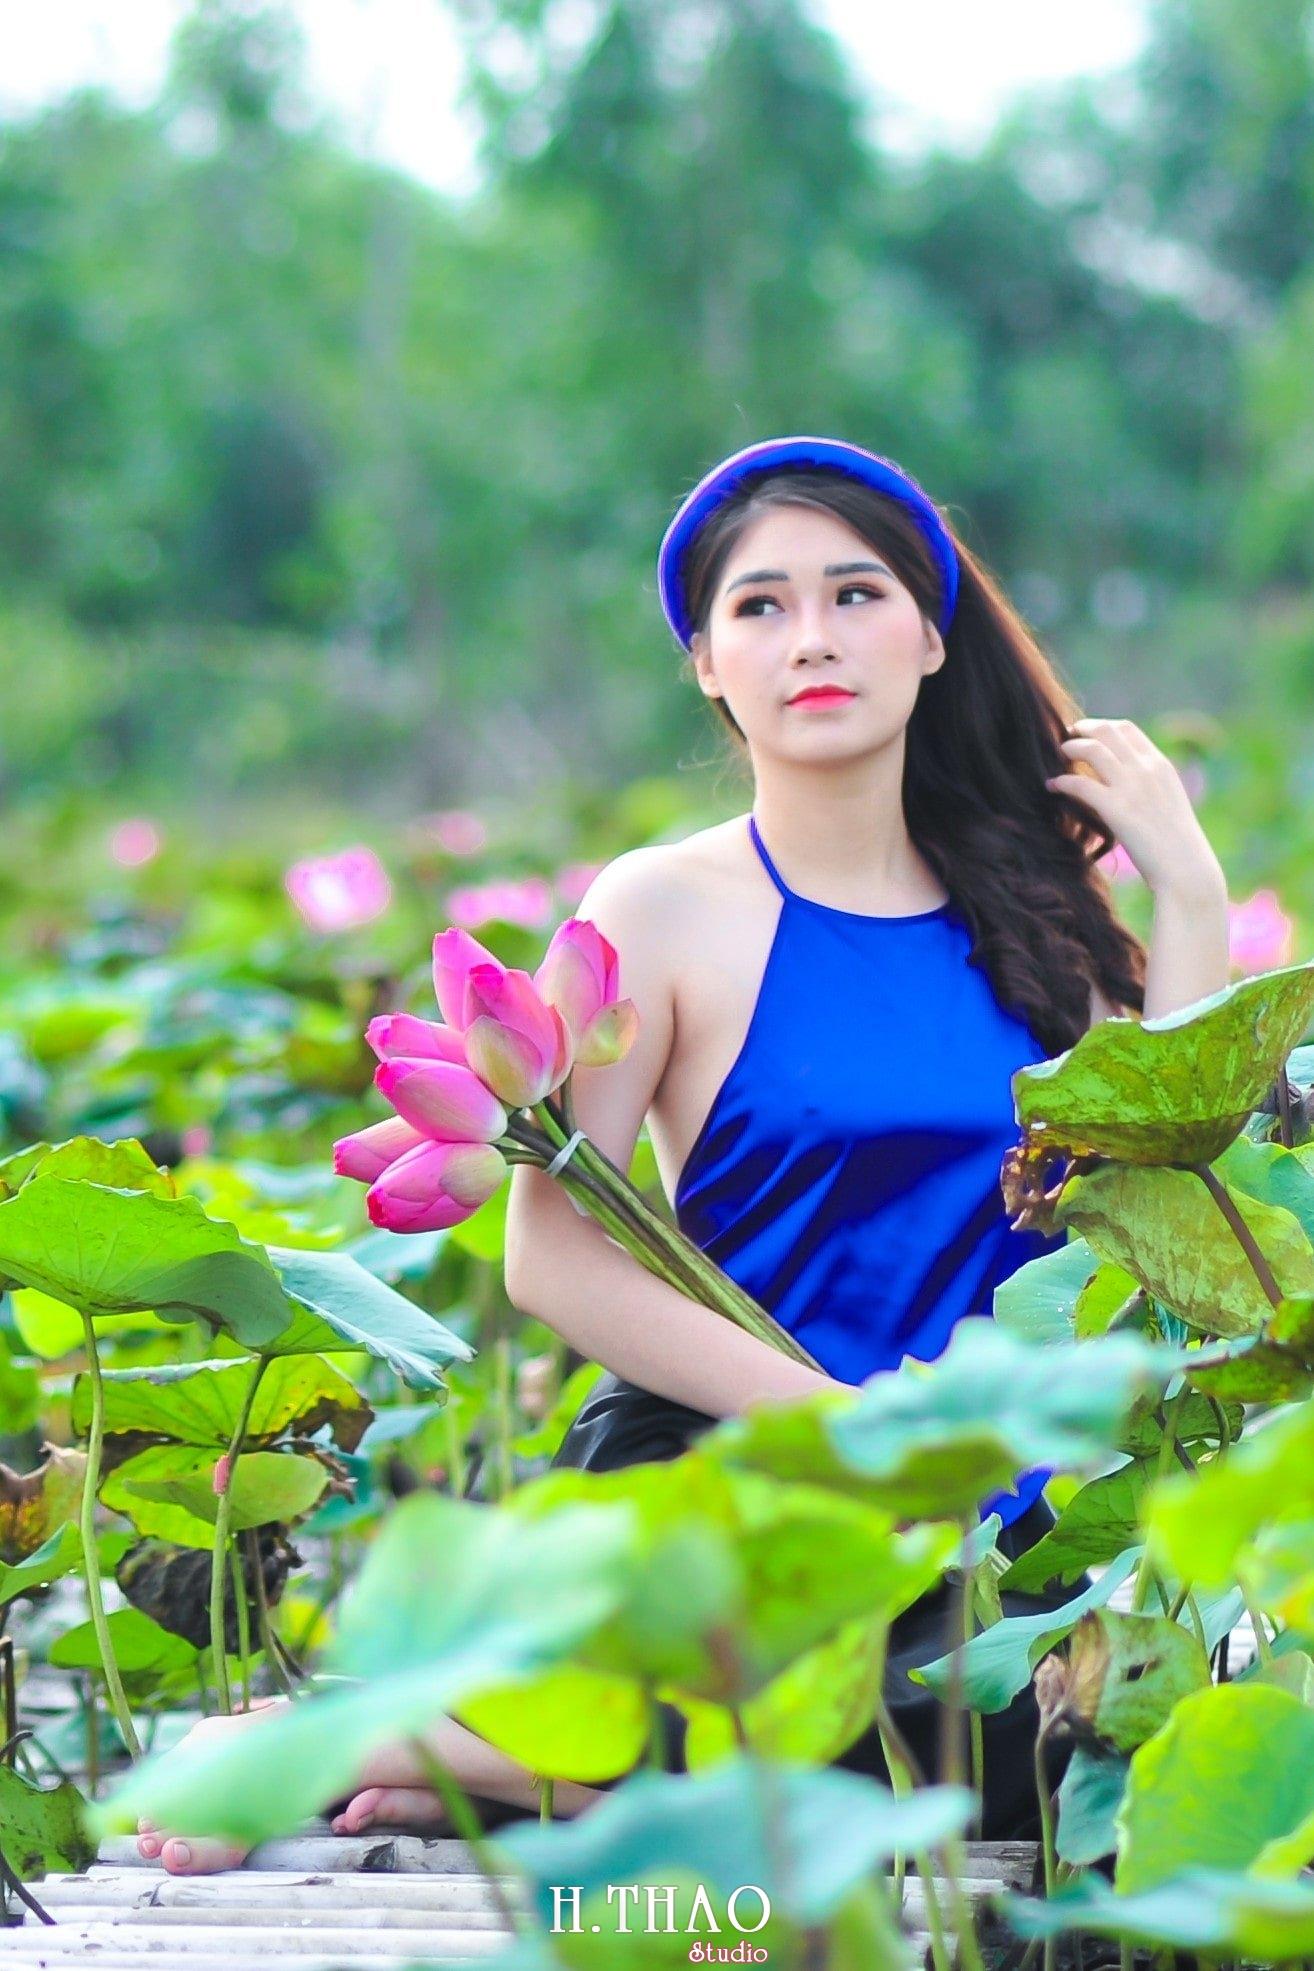 anh sen 13 - 39 cách tạo dáng chụp ảnh với hoa sen tuyệt đẹp - HThao Studio